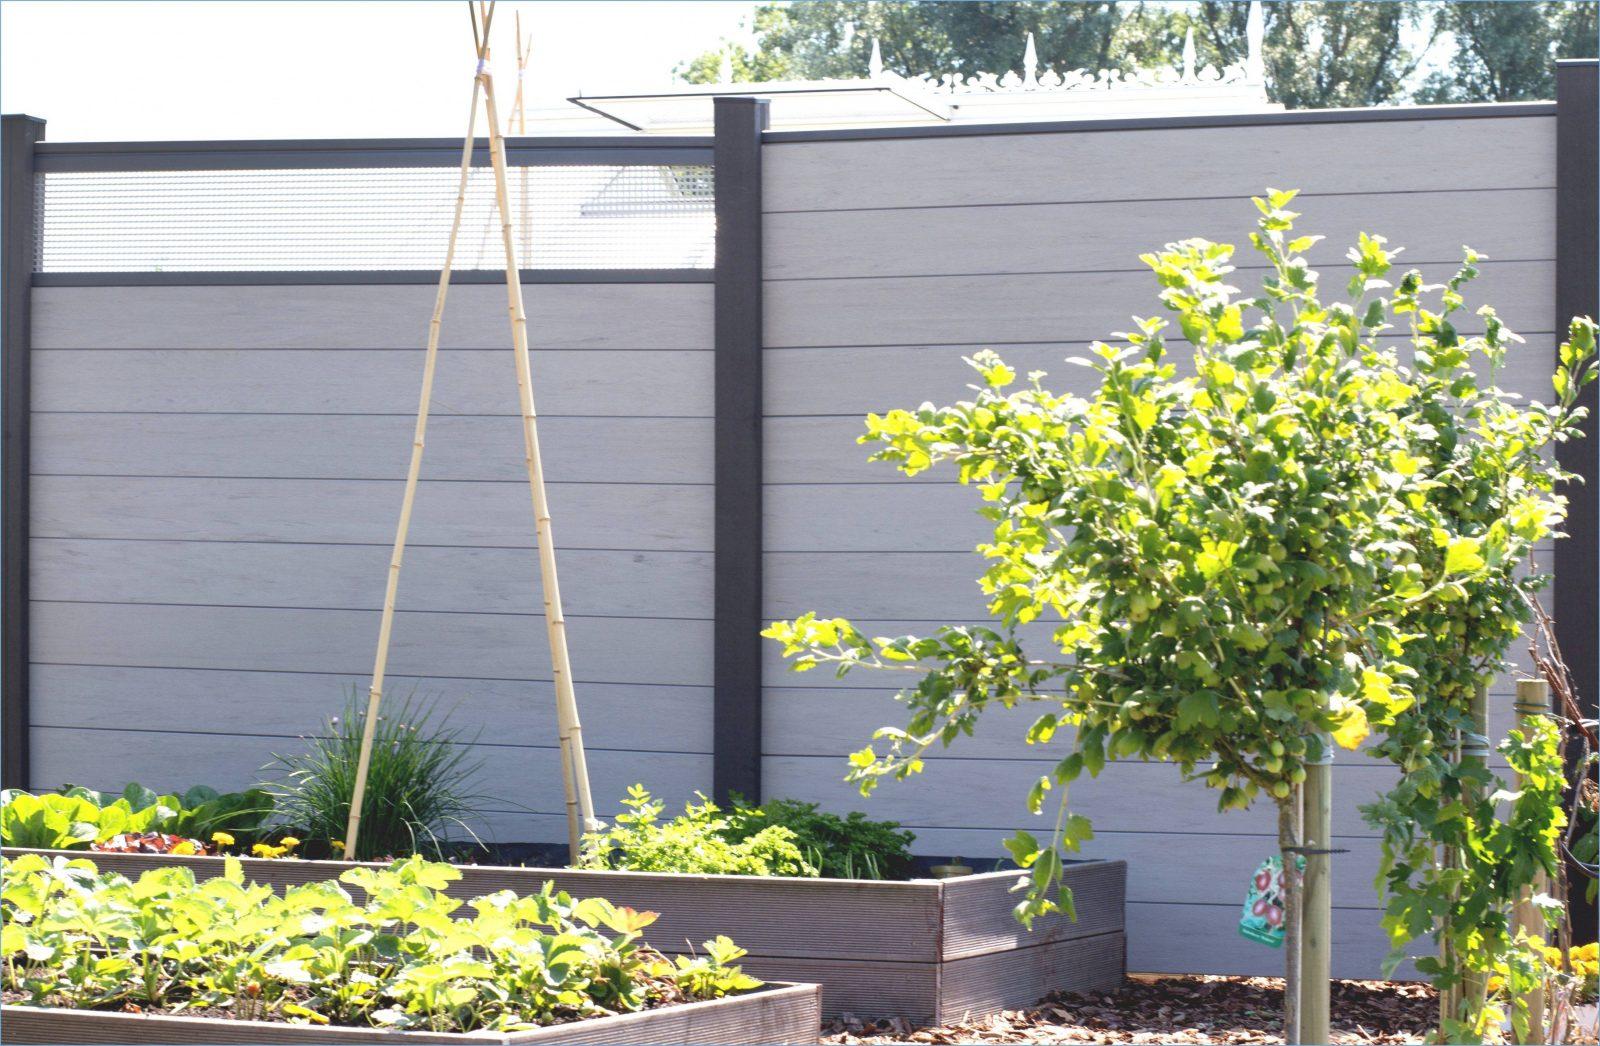 Garten Ideen Selber Bauen Frisch Einzigartig Kreativer Sichtschutz von Kreativer Sichtschutz Selber Bauen Bild